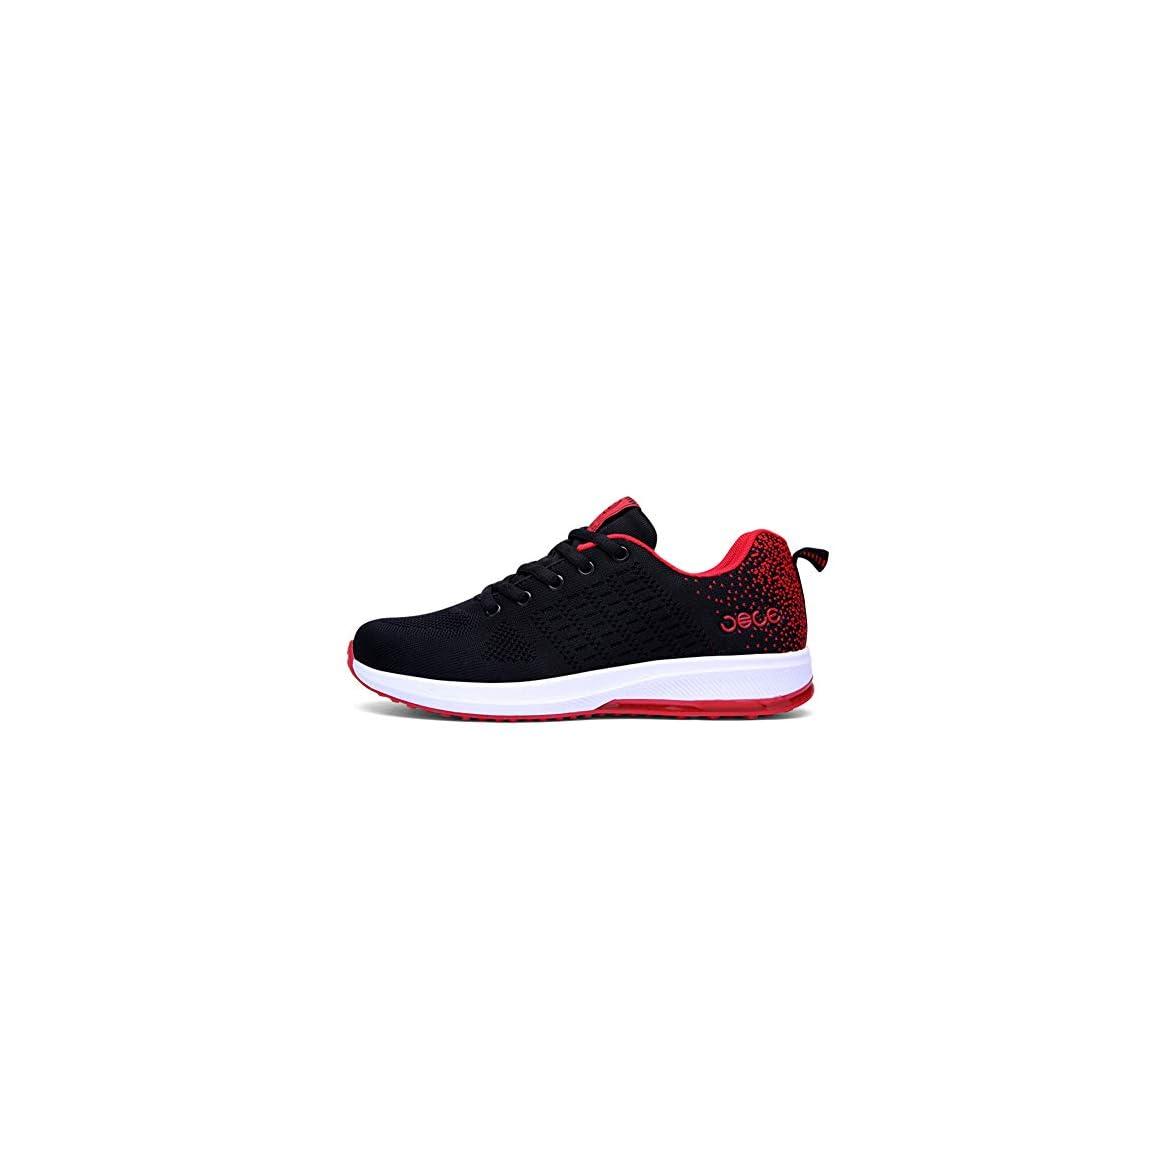 Lxmhz Running Scarpe Sportive Da Donna Sneakers Formatori Outdoor Traspirante Volo Tessere Leggero Shock Assorbimento A Piedi Coppia Scarpa